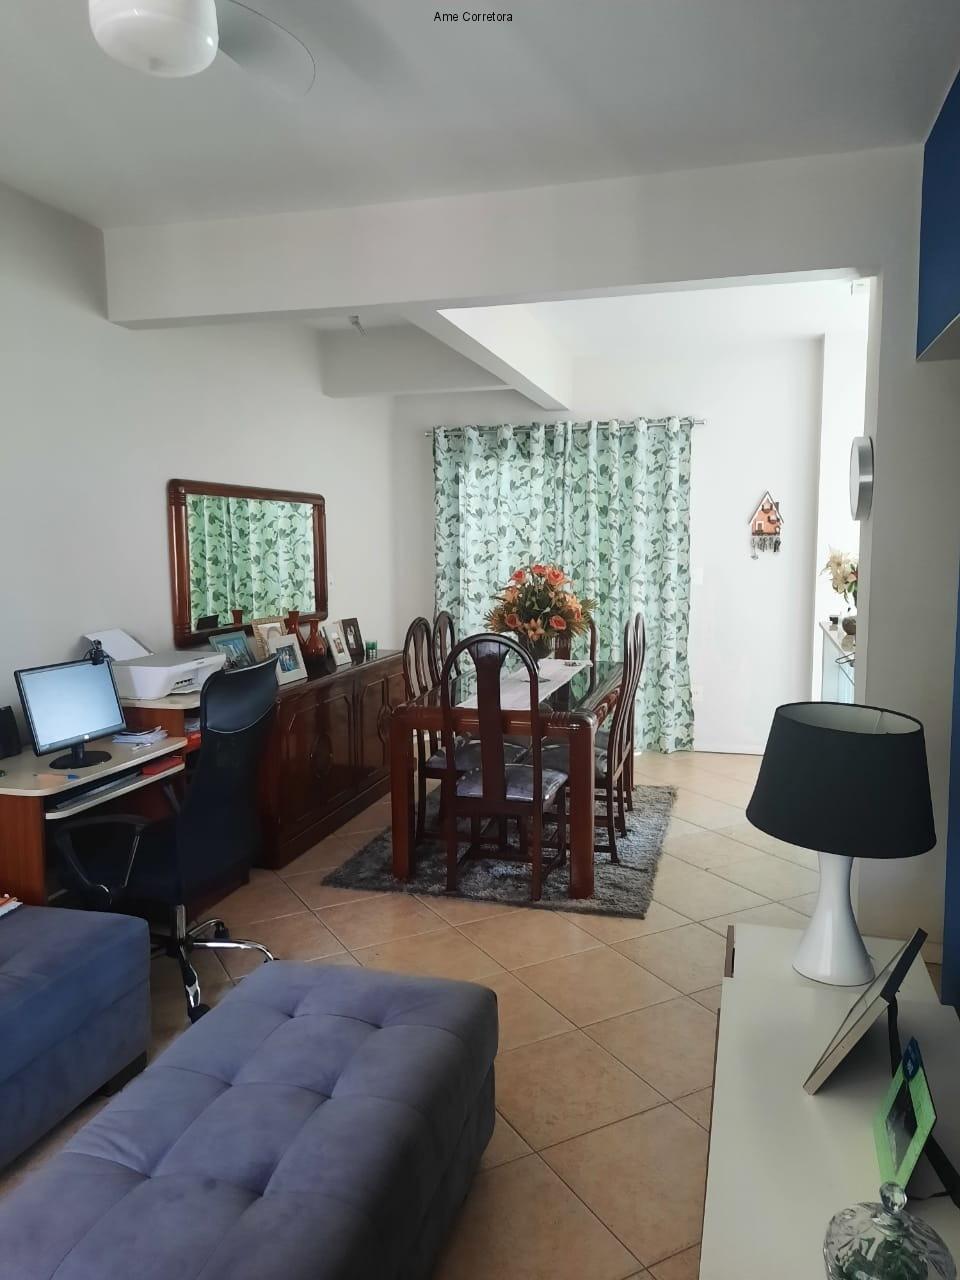 FOTO 15 - Apartamento 3 quartos à venda Rio de Janeiro,RJ - R$ 1.400.000 - AP00410 - 16